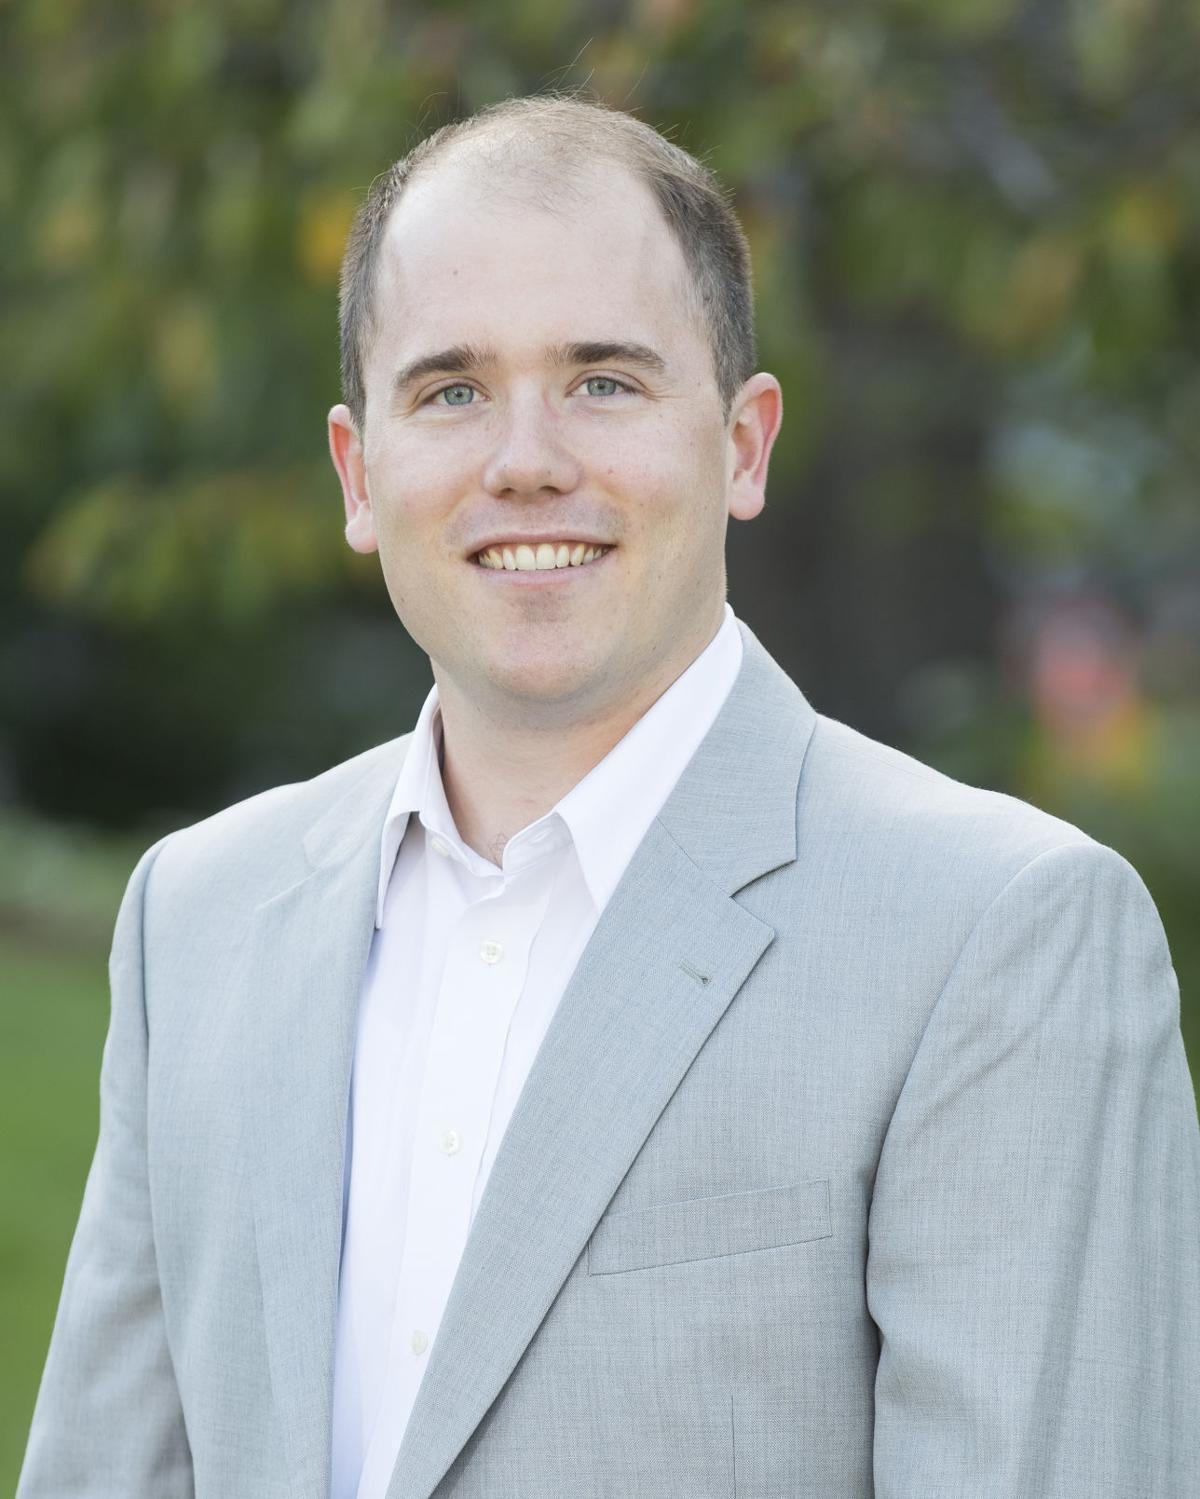 Mike O'Boyle